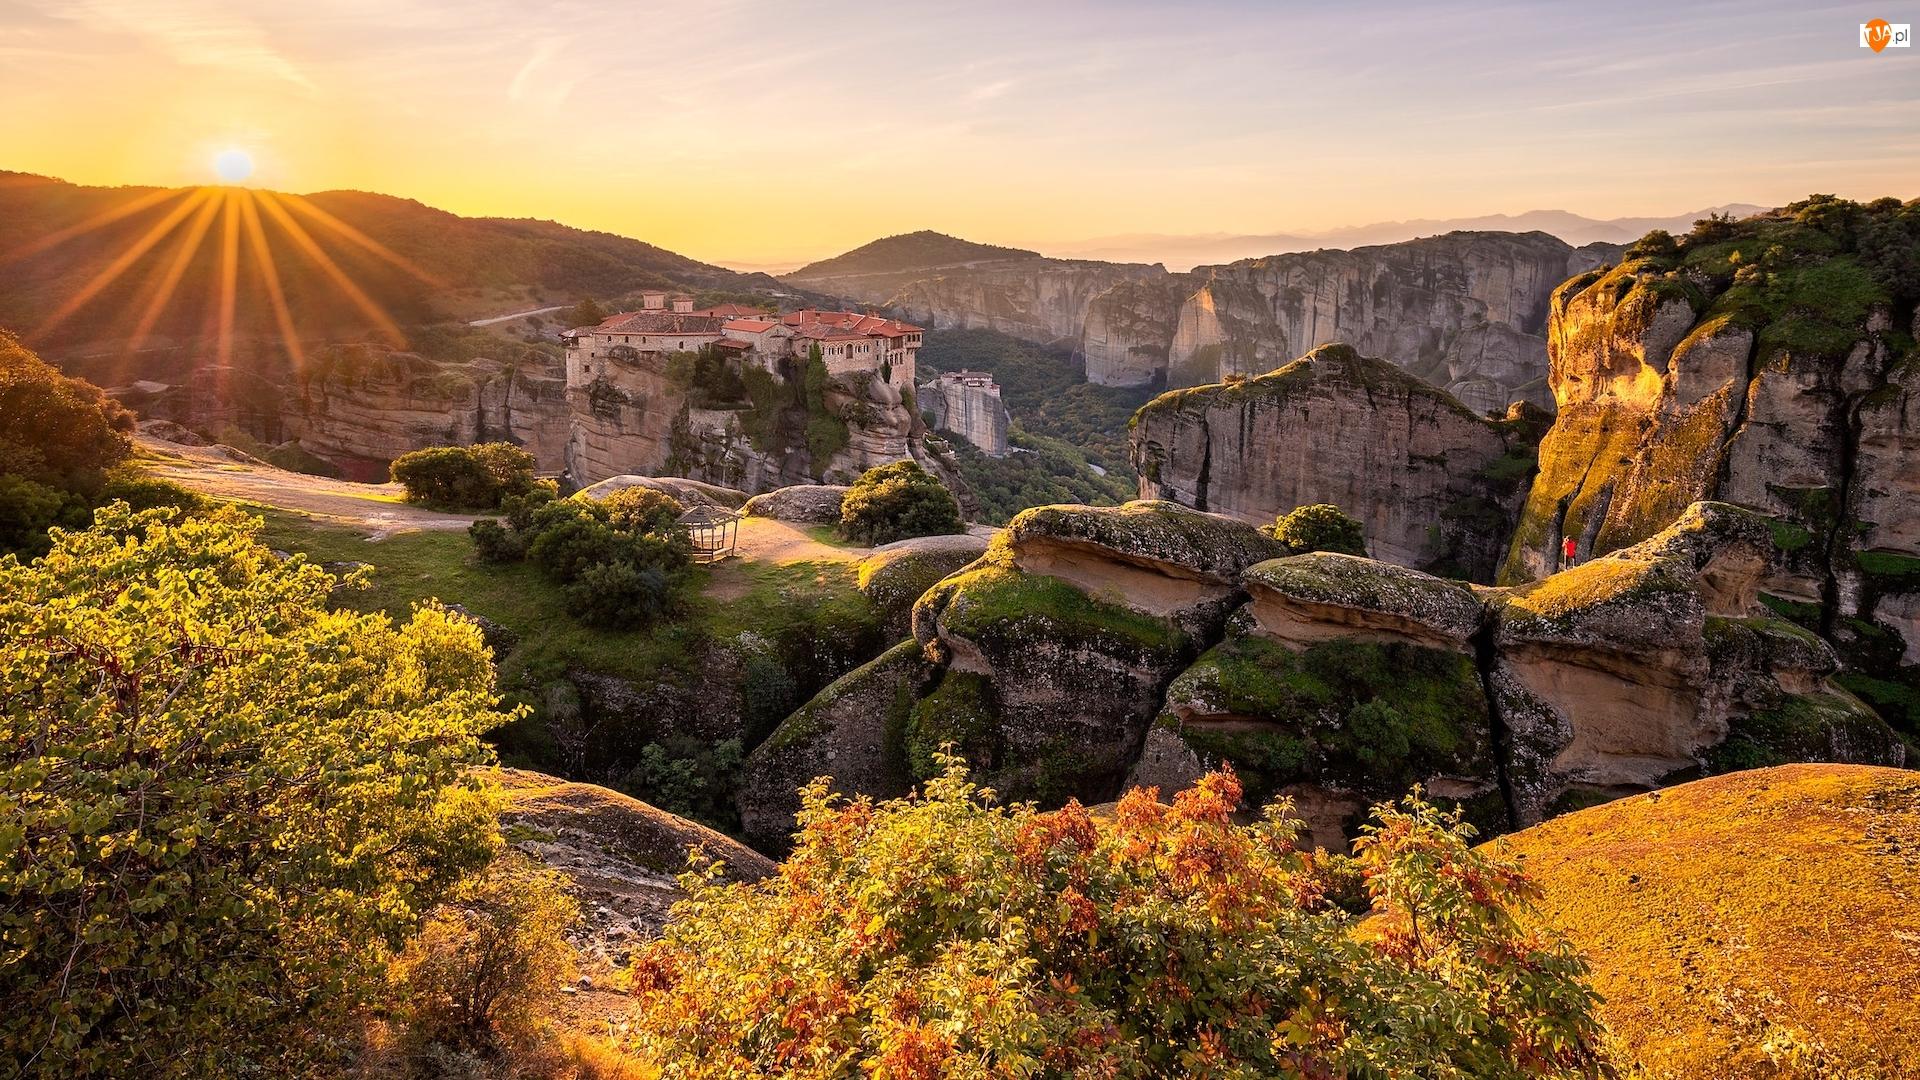 Meteory, Promienie słońca, Klasztor Świętej Trójcy, Kalambaka, Skały, Góry, Grecja, Piaskowiec